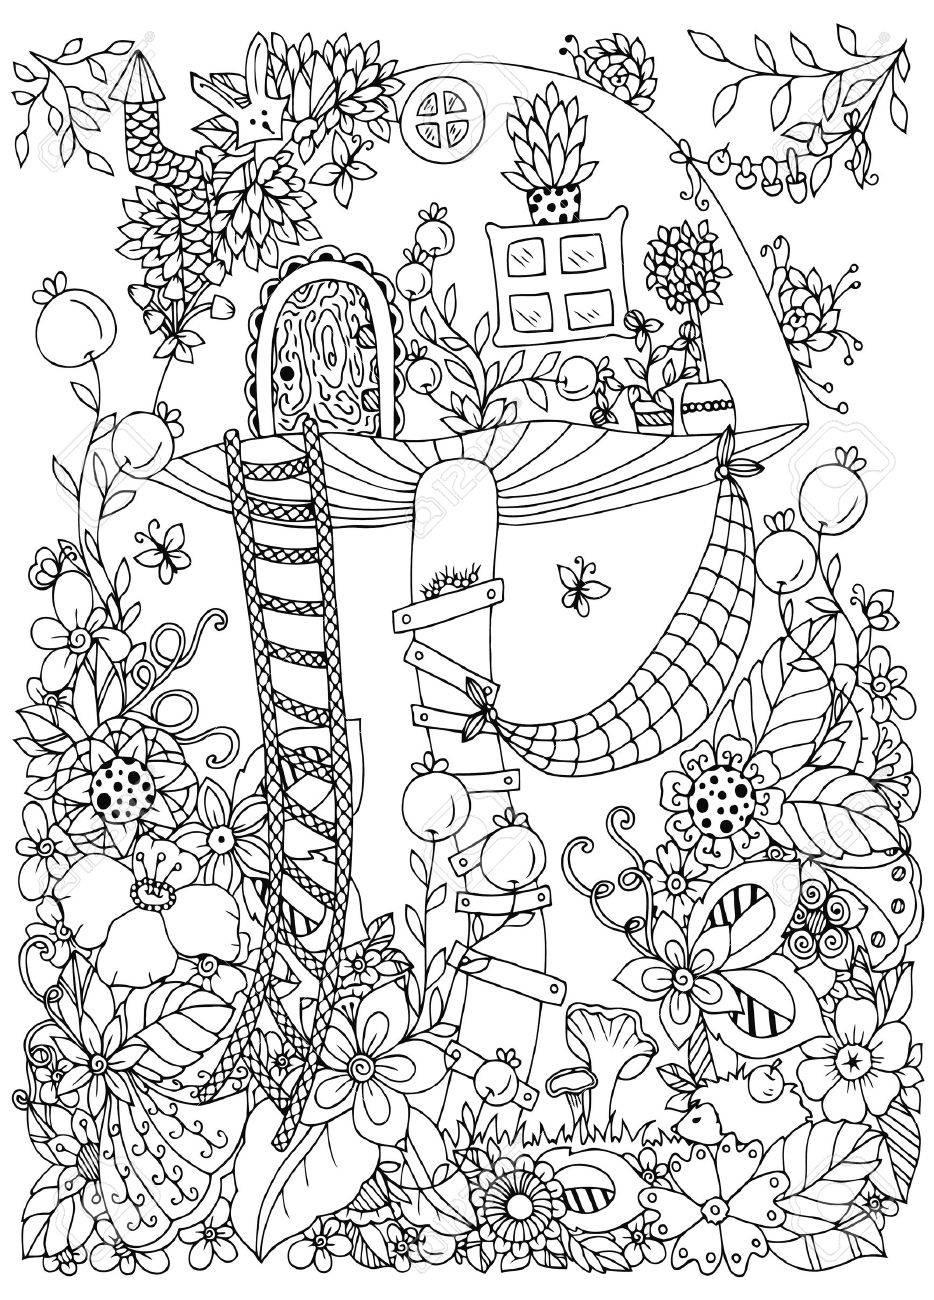 Coloriage Maison Dans La Foret.Illustration Vectorielle Enchevetrement Zen Maison Doodle Du Champignon Dans La Foret Doodle Fleurs Livre De Coloriage Anti Stress Pour Adultes